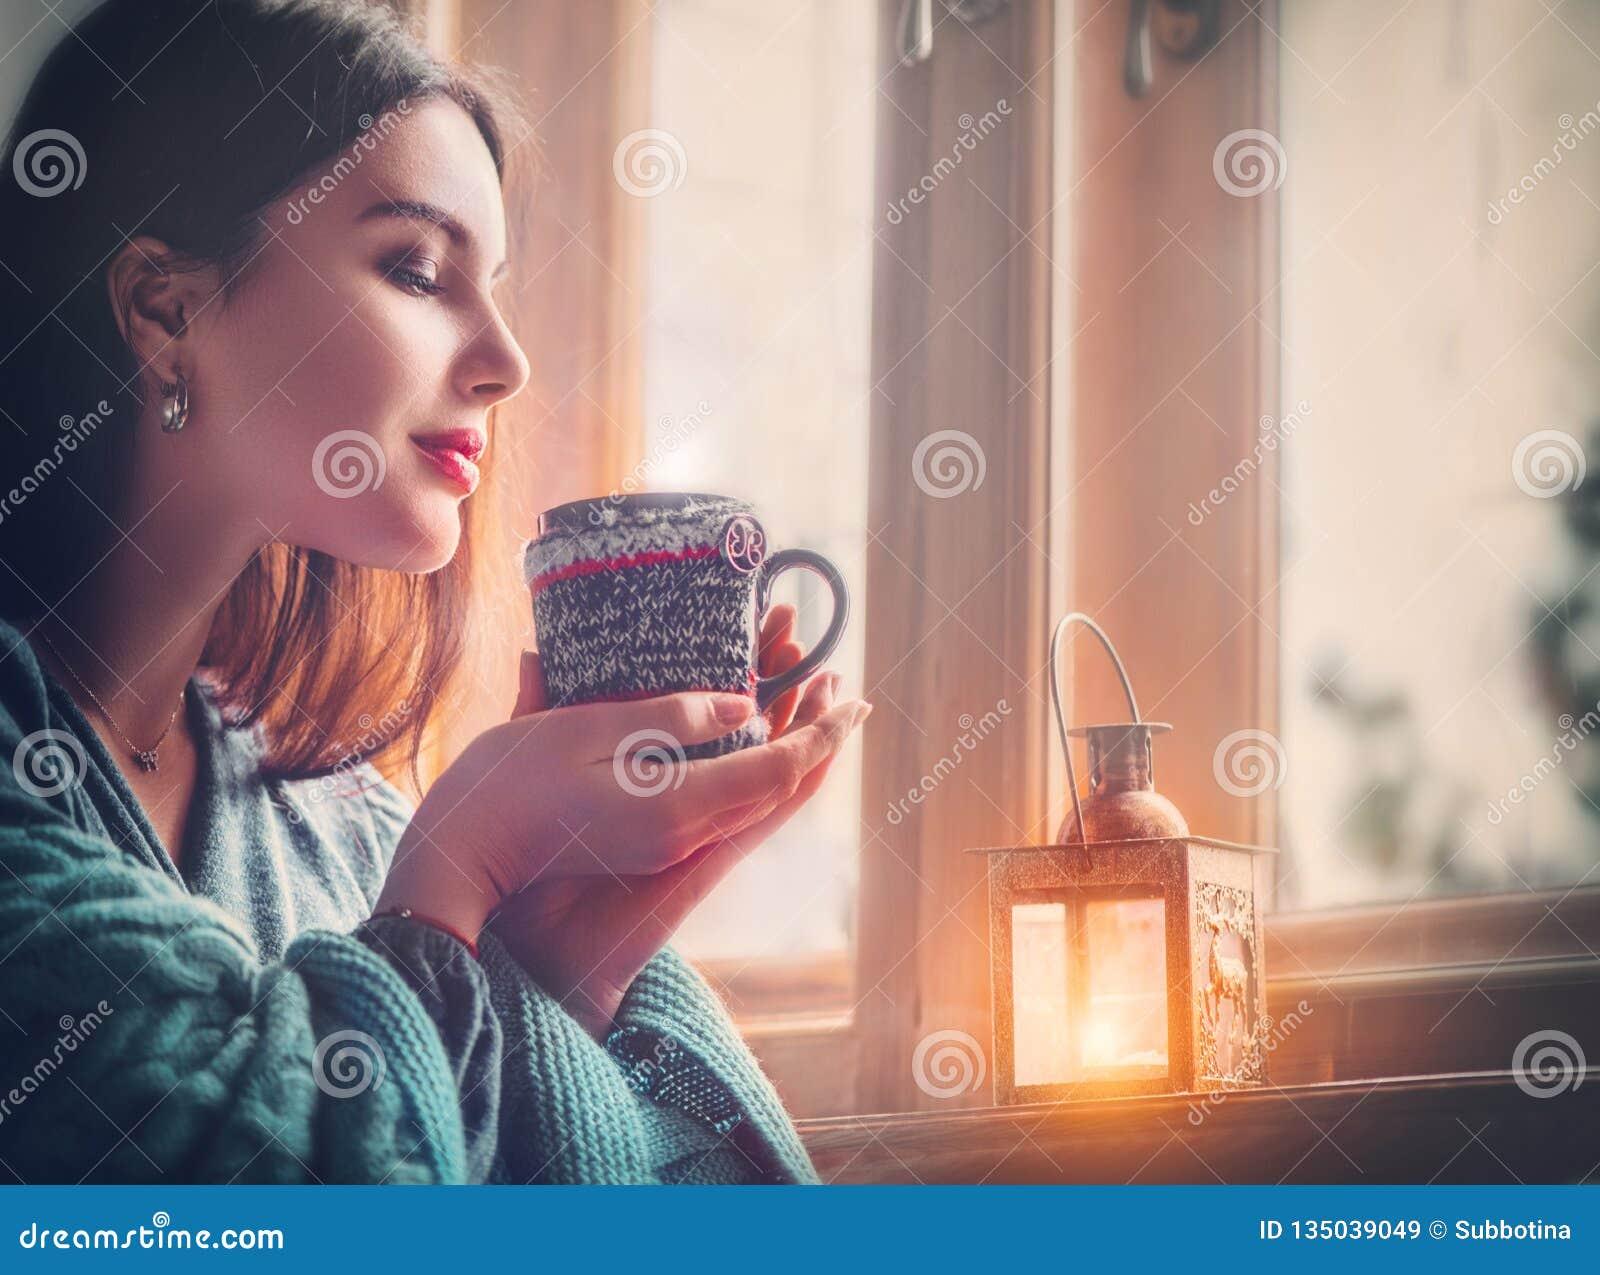 Café bebendo da menina moreno bonita em casa, olhando para fora a janela Mulher do modelo da beleza com o copo do chá quente